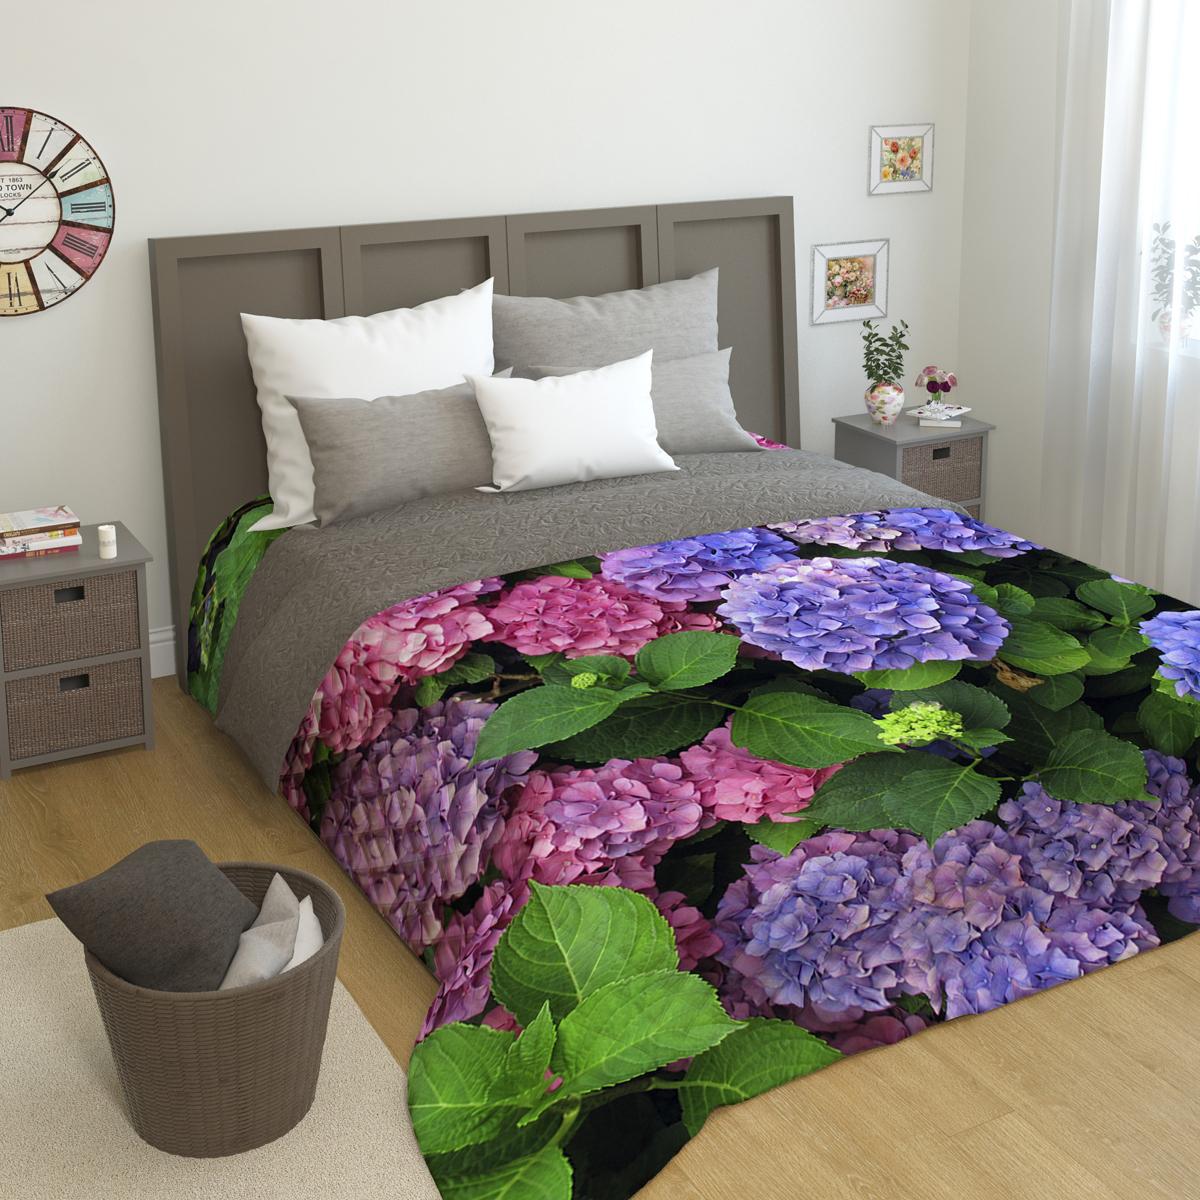 Покрывало стеганое Сирень Гортензии цветы, 200 х 220 смПКМК005-08375Стеганое покрывало Сирень - это правильный выбор для любой хозяйки. Стеганые покрывала выгодно преобразят дизайн любого интерьера спальни. При изготовлении используется плотная микрофибра. В сочетании со стильным и четким рисунком, созданным с помощью 3D фотопечати стеганые покрывала всегда будут отличным приобретением для Вашей спальни и подарком для друзей и близких! Рисунок стежки выполнен современным способом Ультрастэп (без использования ниток). Использование данного способа стежки защищает от миграции волокна во время стирки в деликатном режиме при температуре 30 градусов. Размер 200*220 (+/- 2см ) Наволочки в комплект не входят. Покрывало легко стирать при 30-40 градусов, гладить при 150 градусах, не отбеливать. Цвет покрывала в комплектации может немного отличаться от представленного на фото.